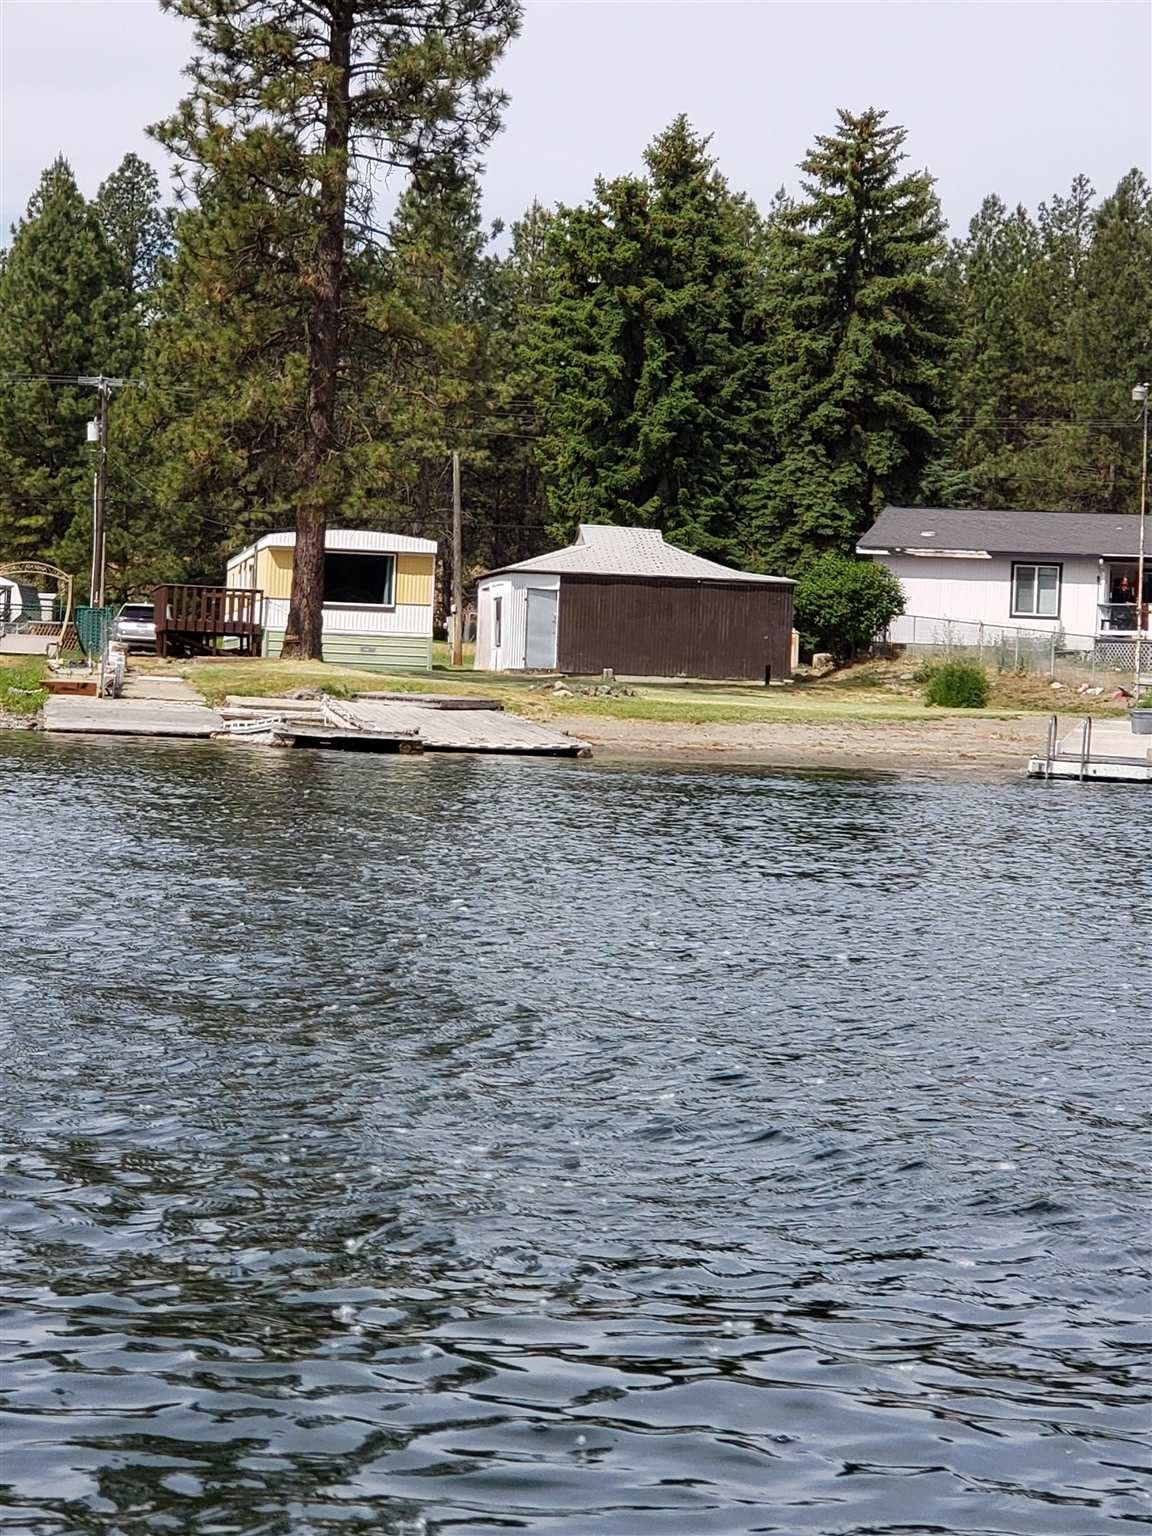 10703 S LAKEHURST Dr, Medical Lake, WA 99022 - #: 202115274